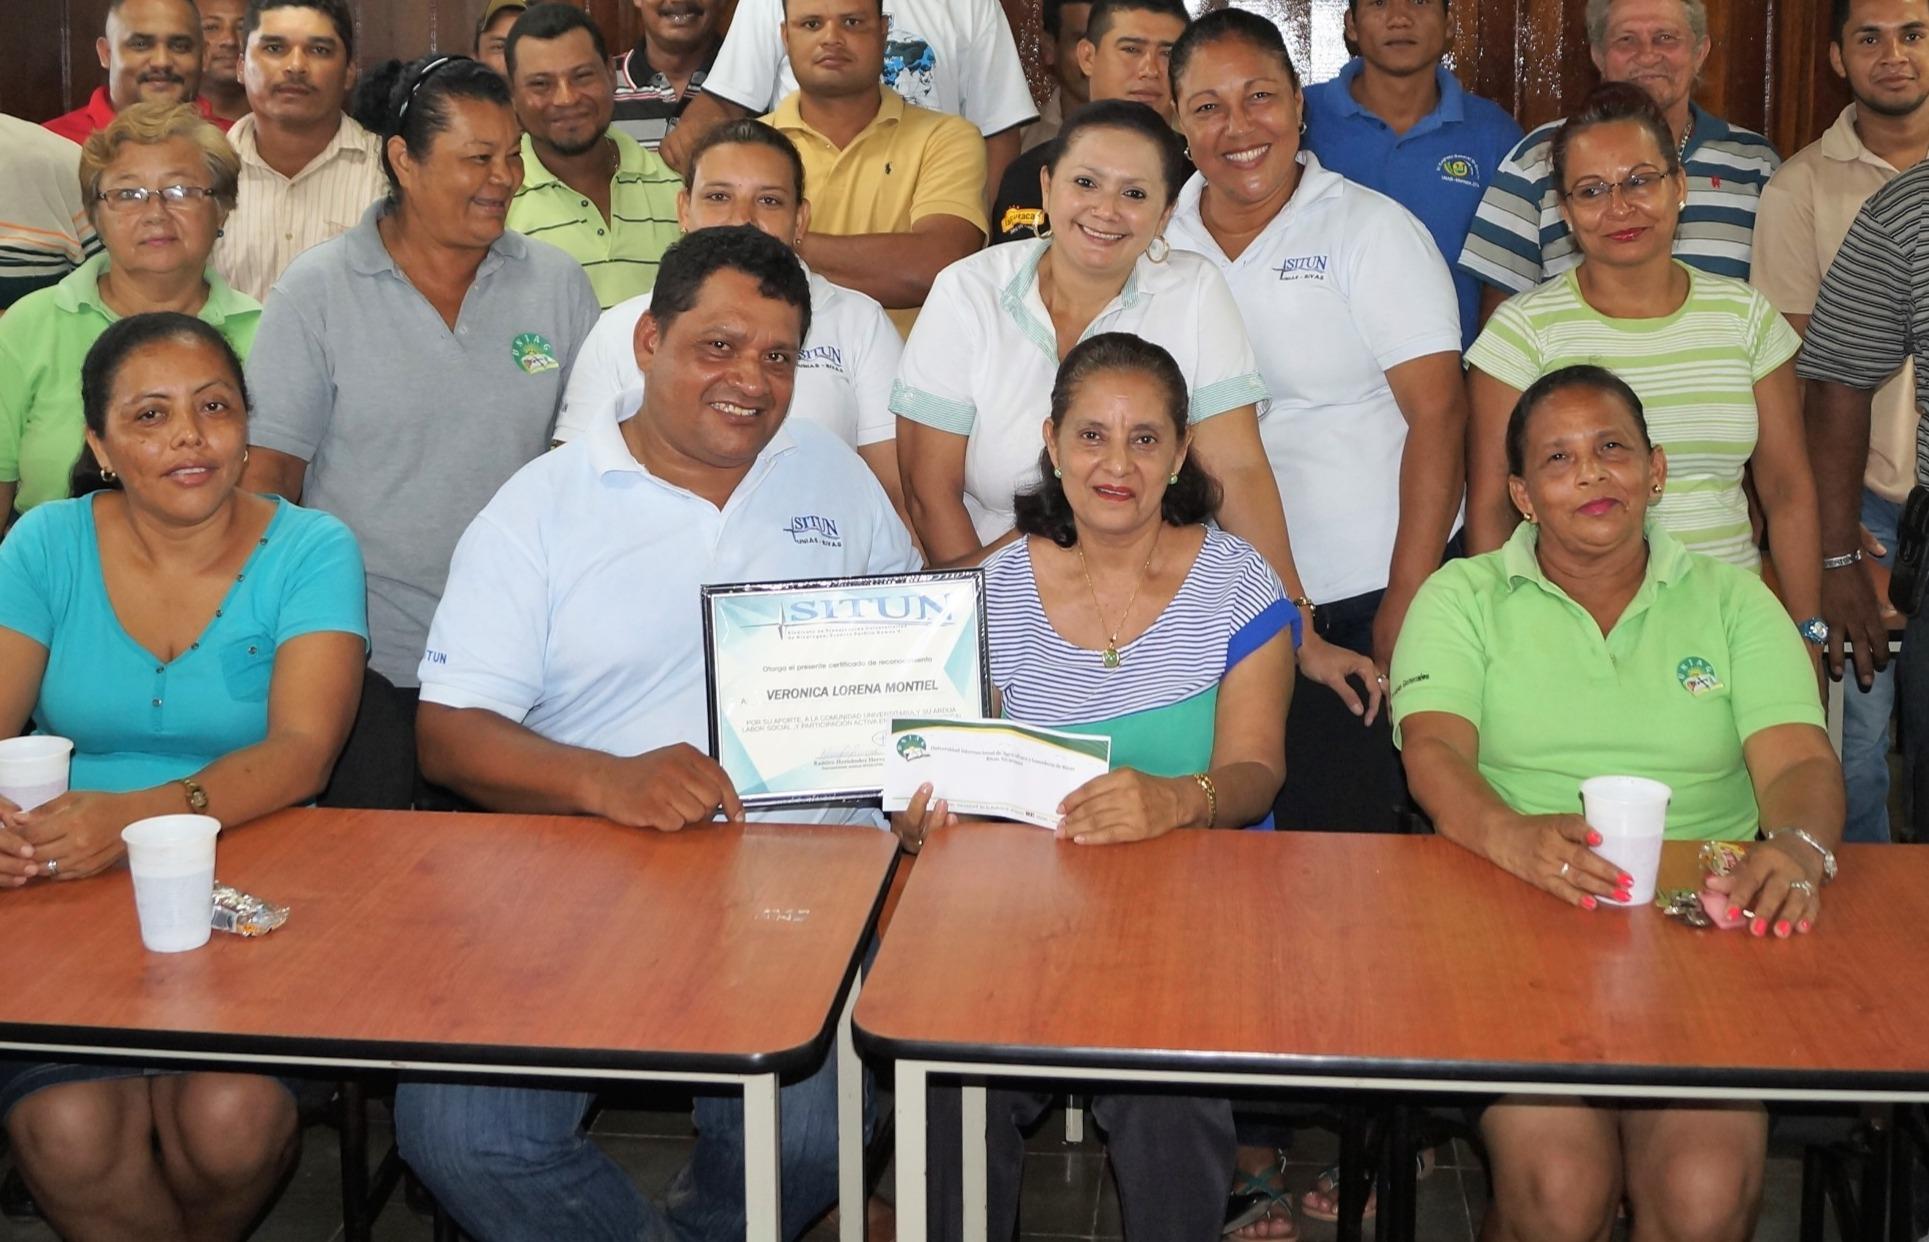 Con miembros del sindicato de trabadores administrativos. A su lado Ramiro Hernandez.